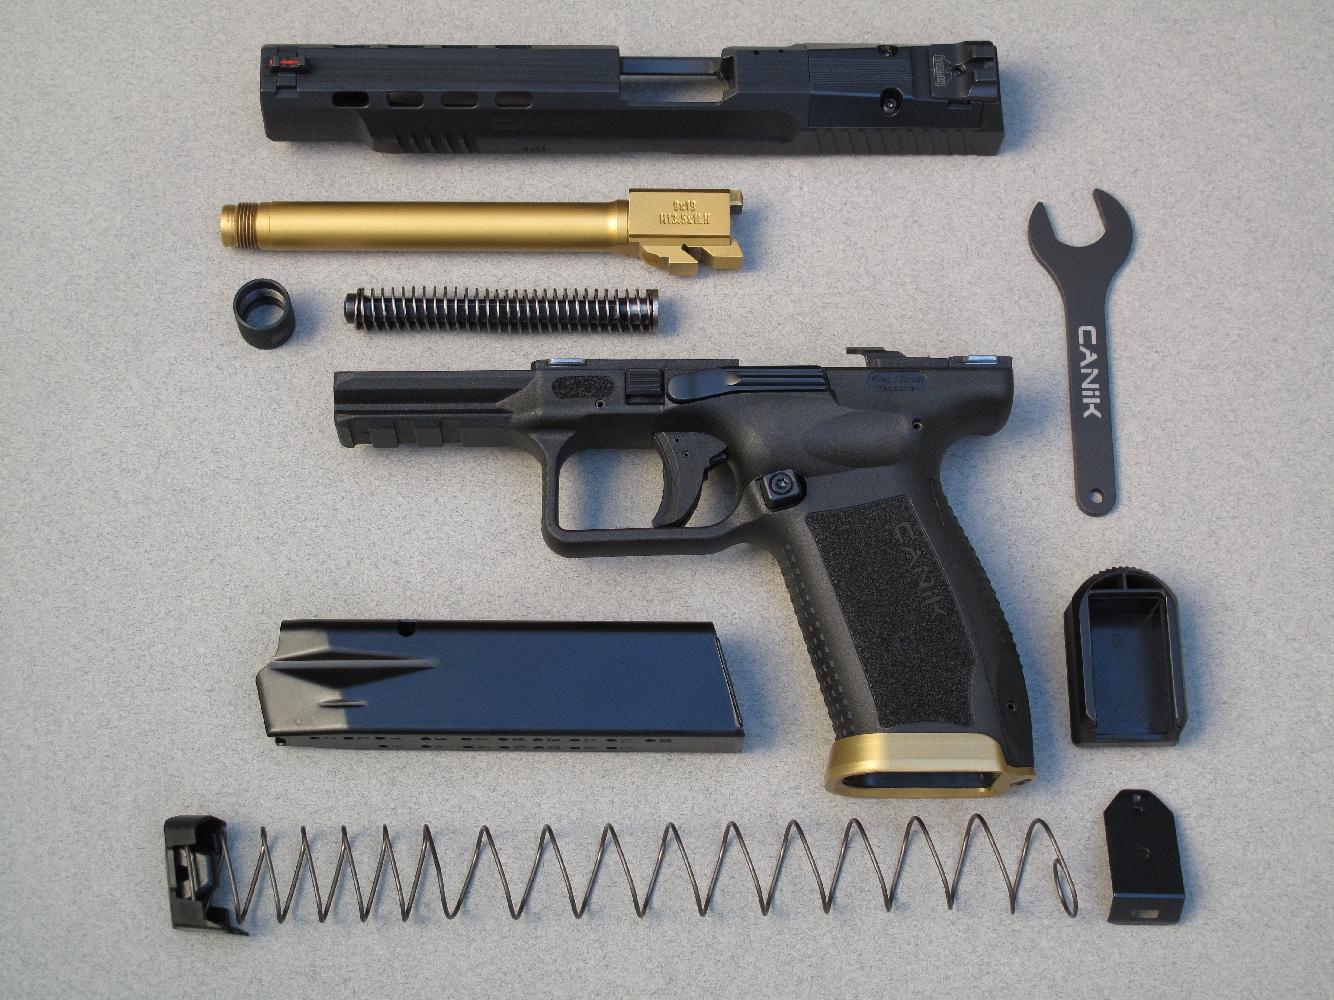 Les utilisateurs qui négligeront l'entretien n'auront aucune excuse, parce que le démontage sommaire de l'arme et de son chargeur sont d'une extrême facilité.